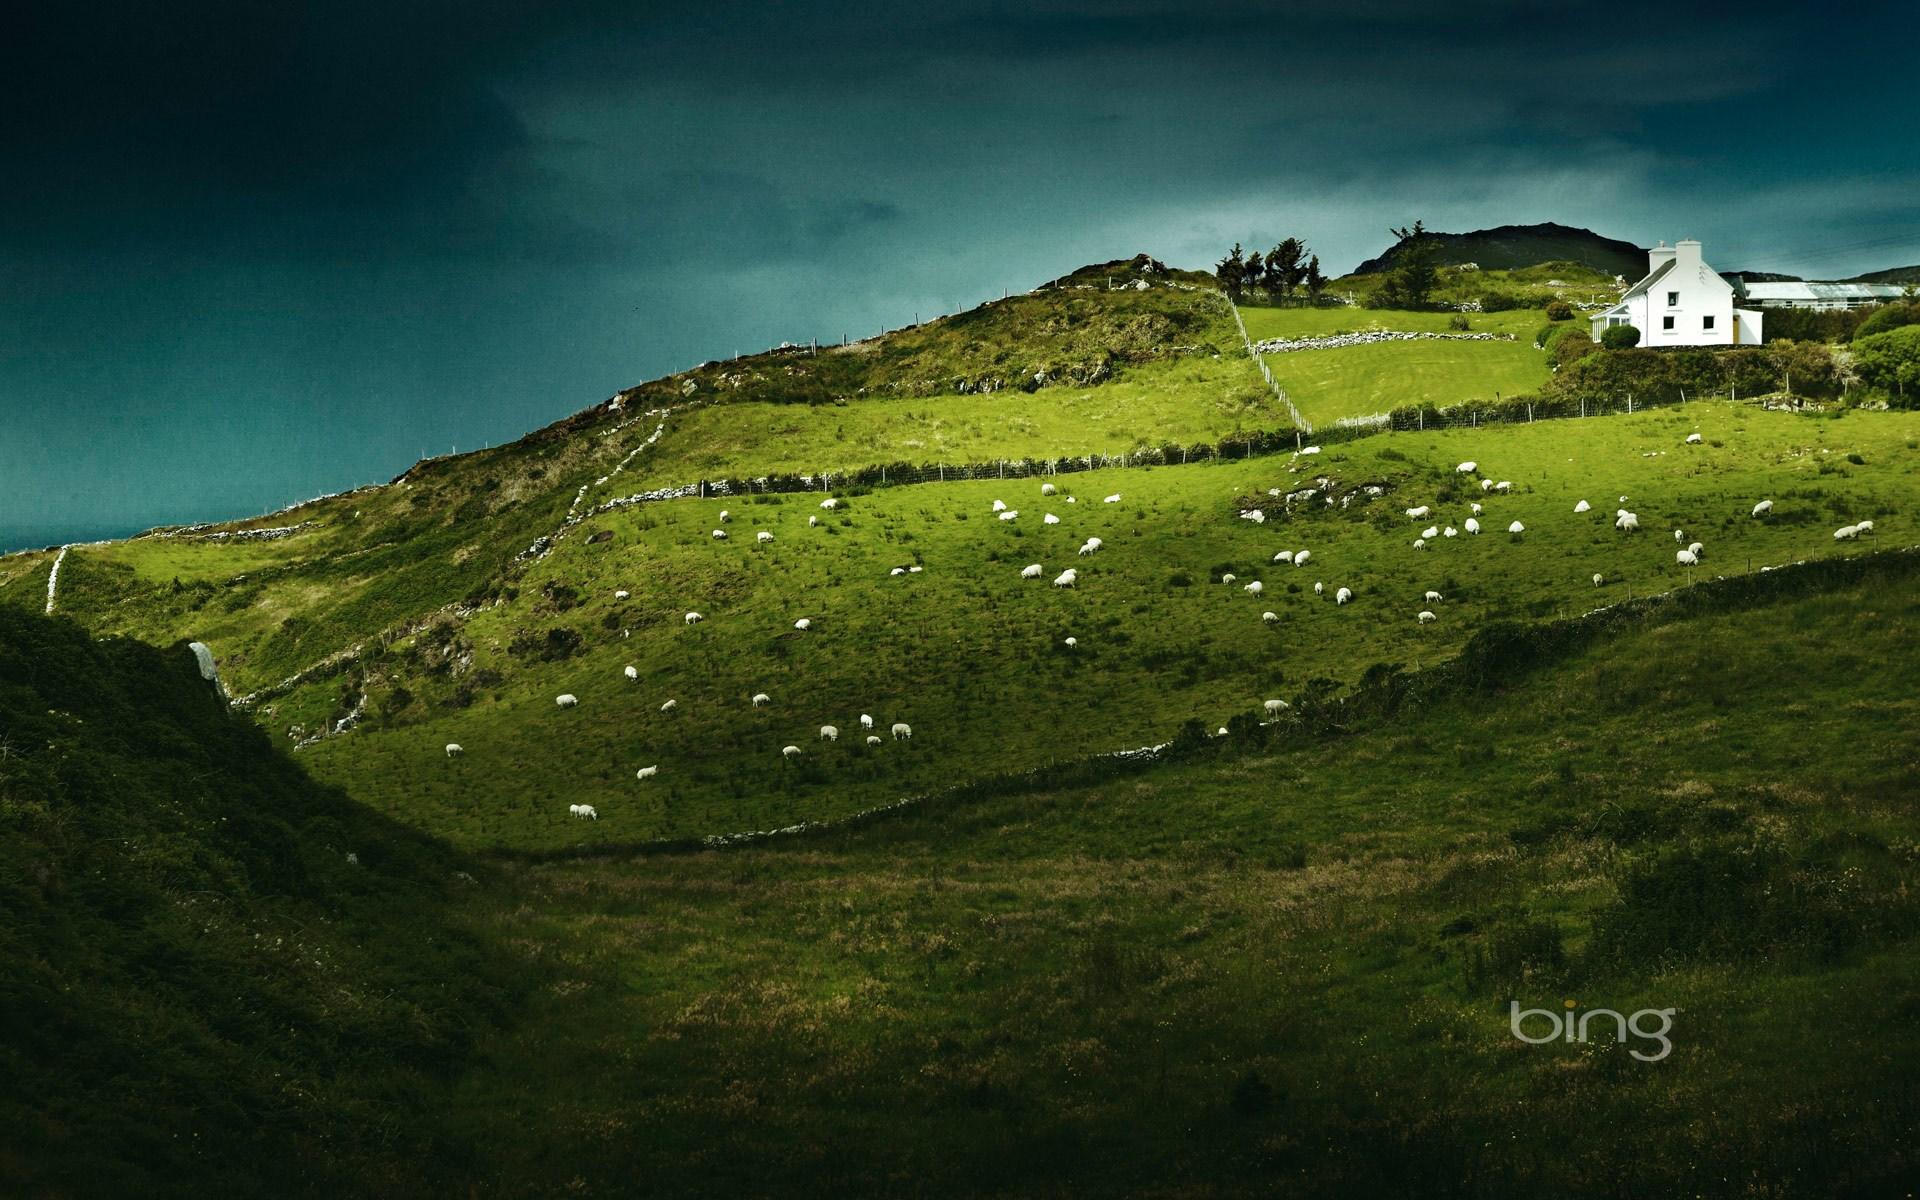 Sheeps Head Ireland Computer Wallpapers Desktop Backgrounds 1920x1200